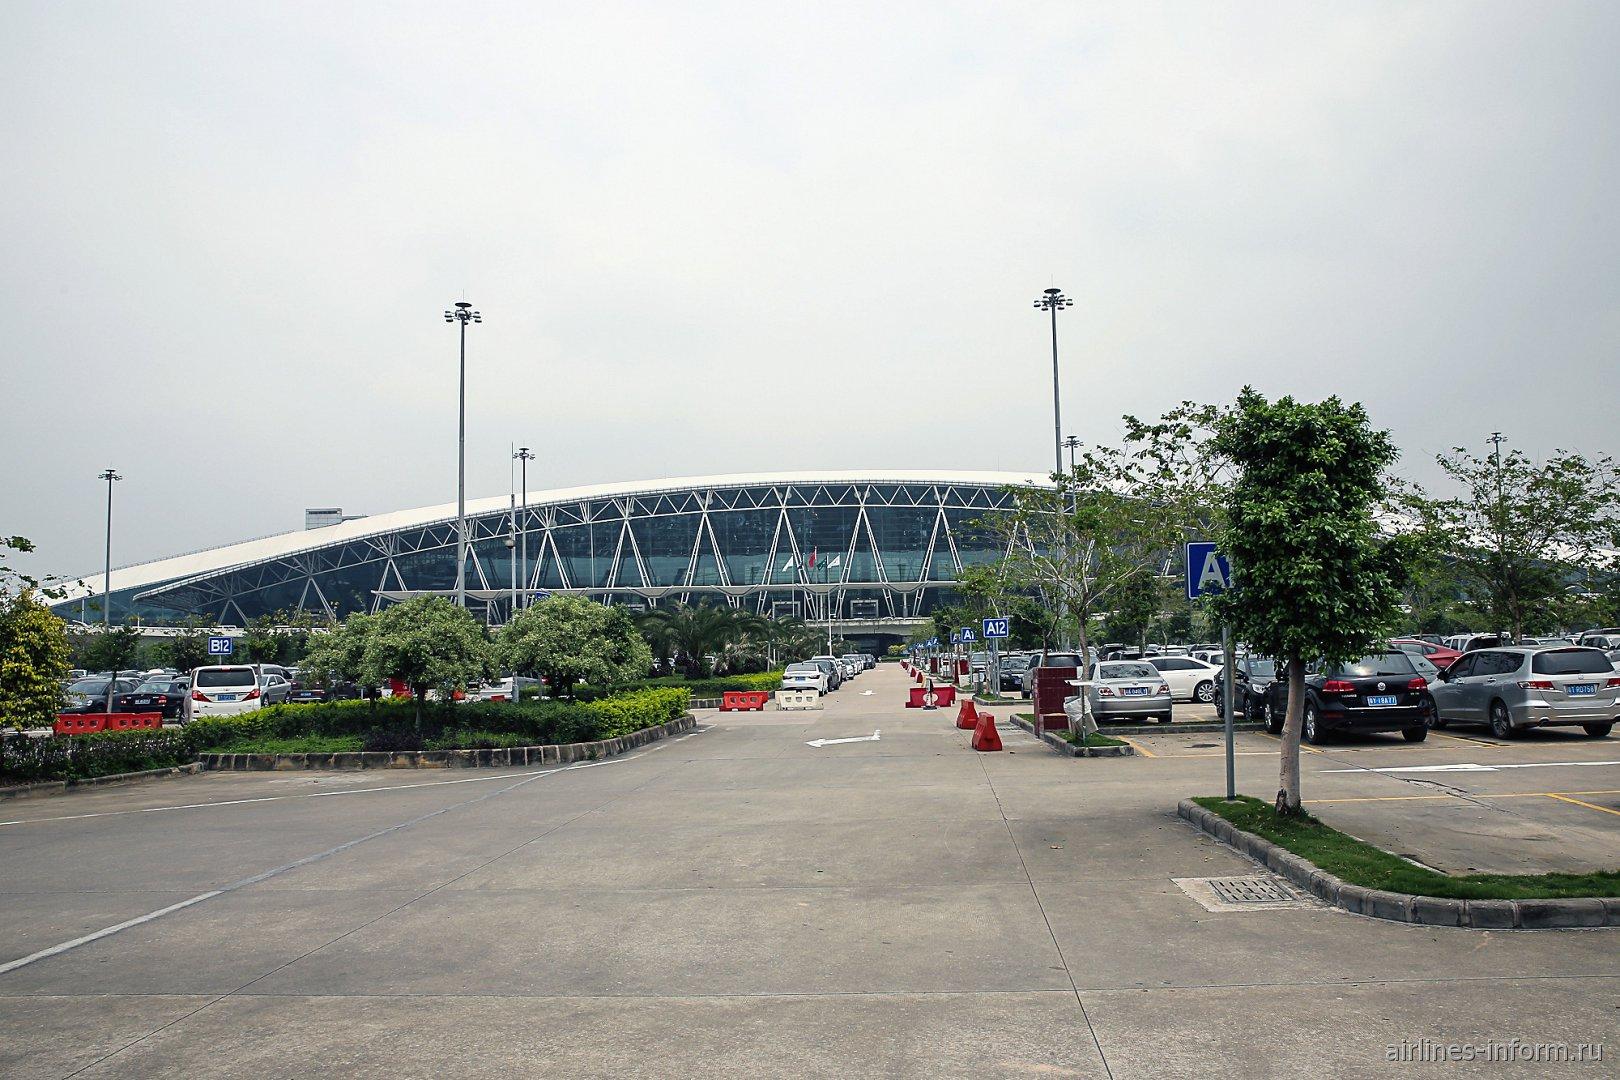 Парковка у пассажирского терминала аэропорта Гуанчжоу Байюнь